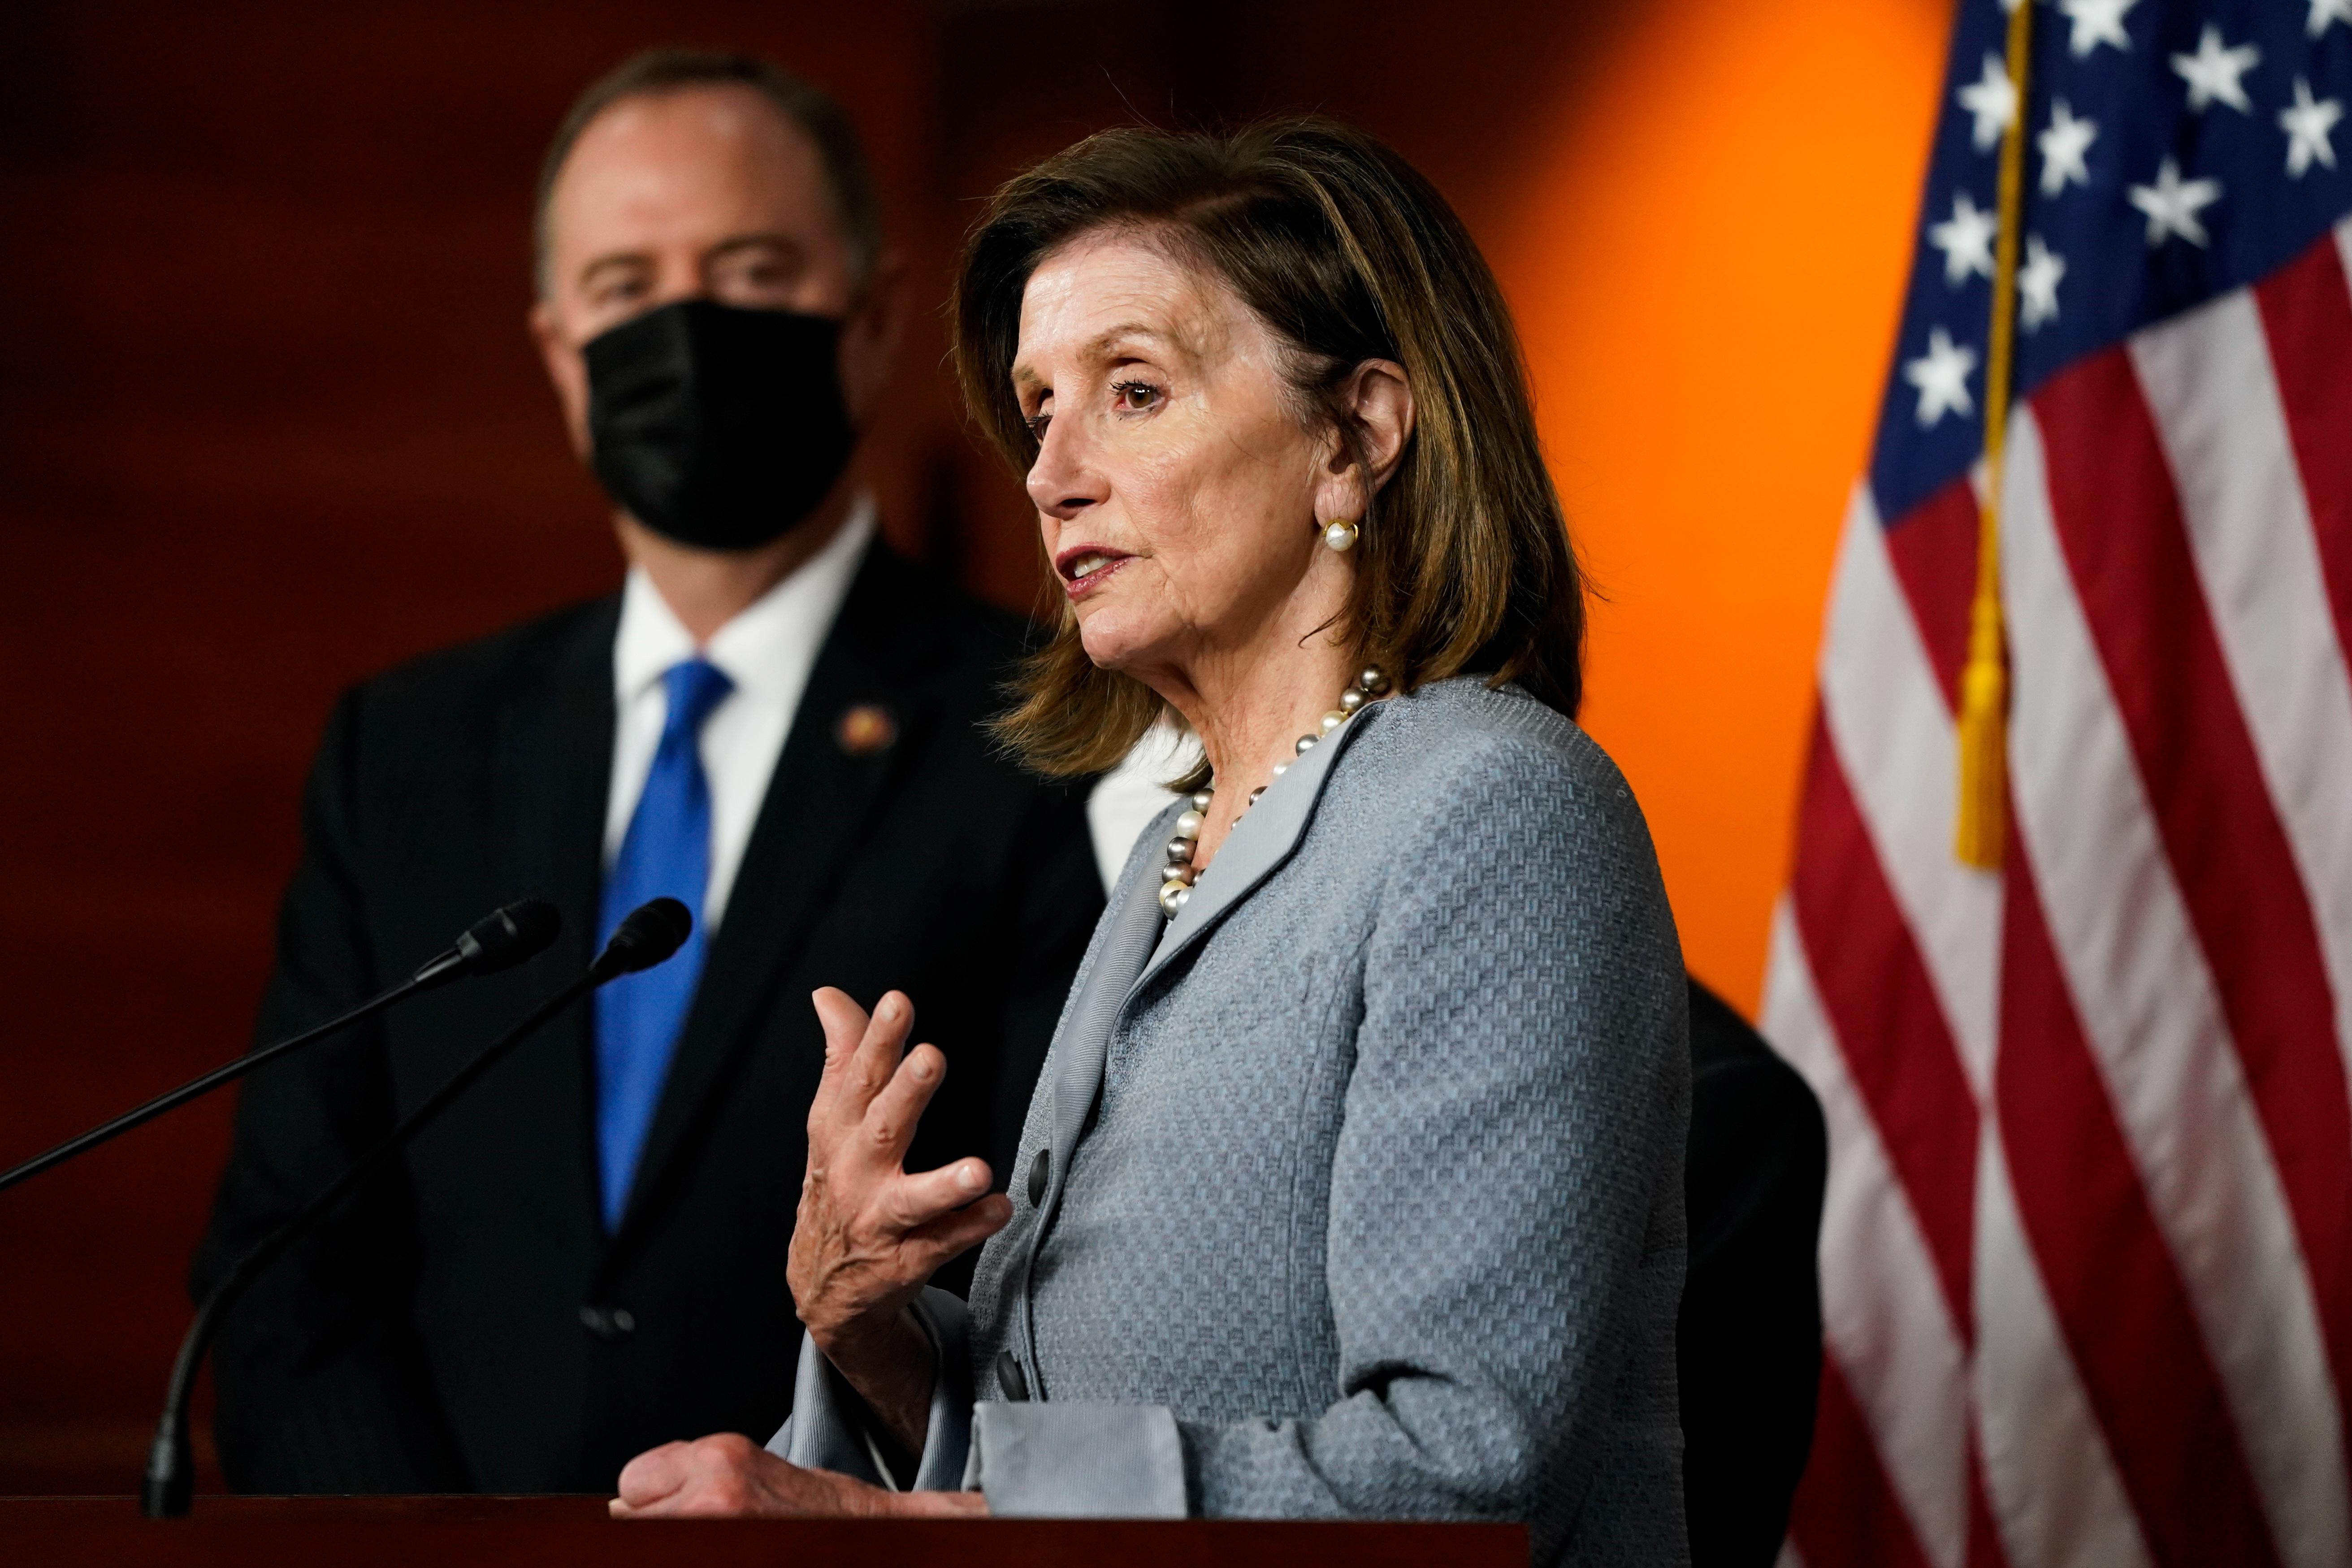 House Speaker Nancy Pelosi, September 21, 2021. REUTERS/Elizabeth Frantz